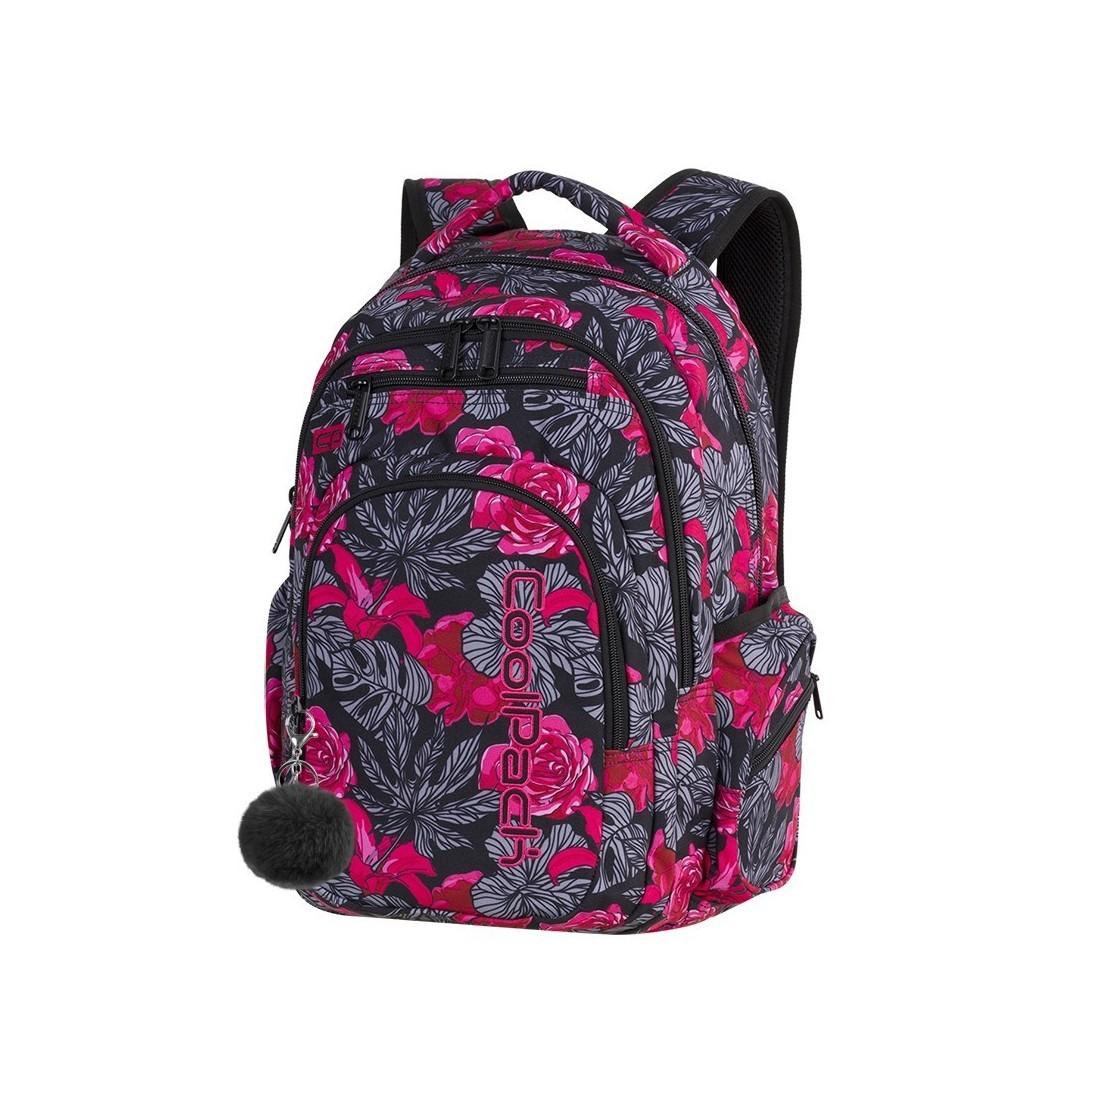 8b76f25e25daf Plecak szkolny CoolPack CP FLASH RED & BLACK FLOWERS hiszpańskie kwiaty dla  nastolatki A240 + POMPON